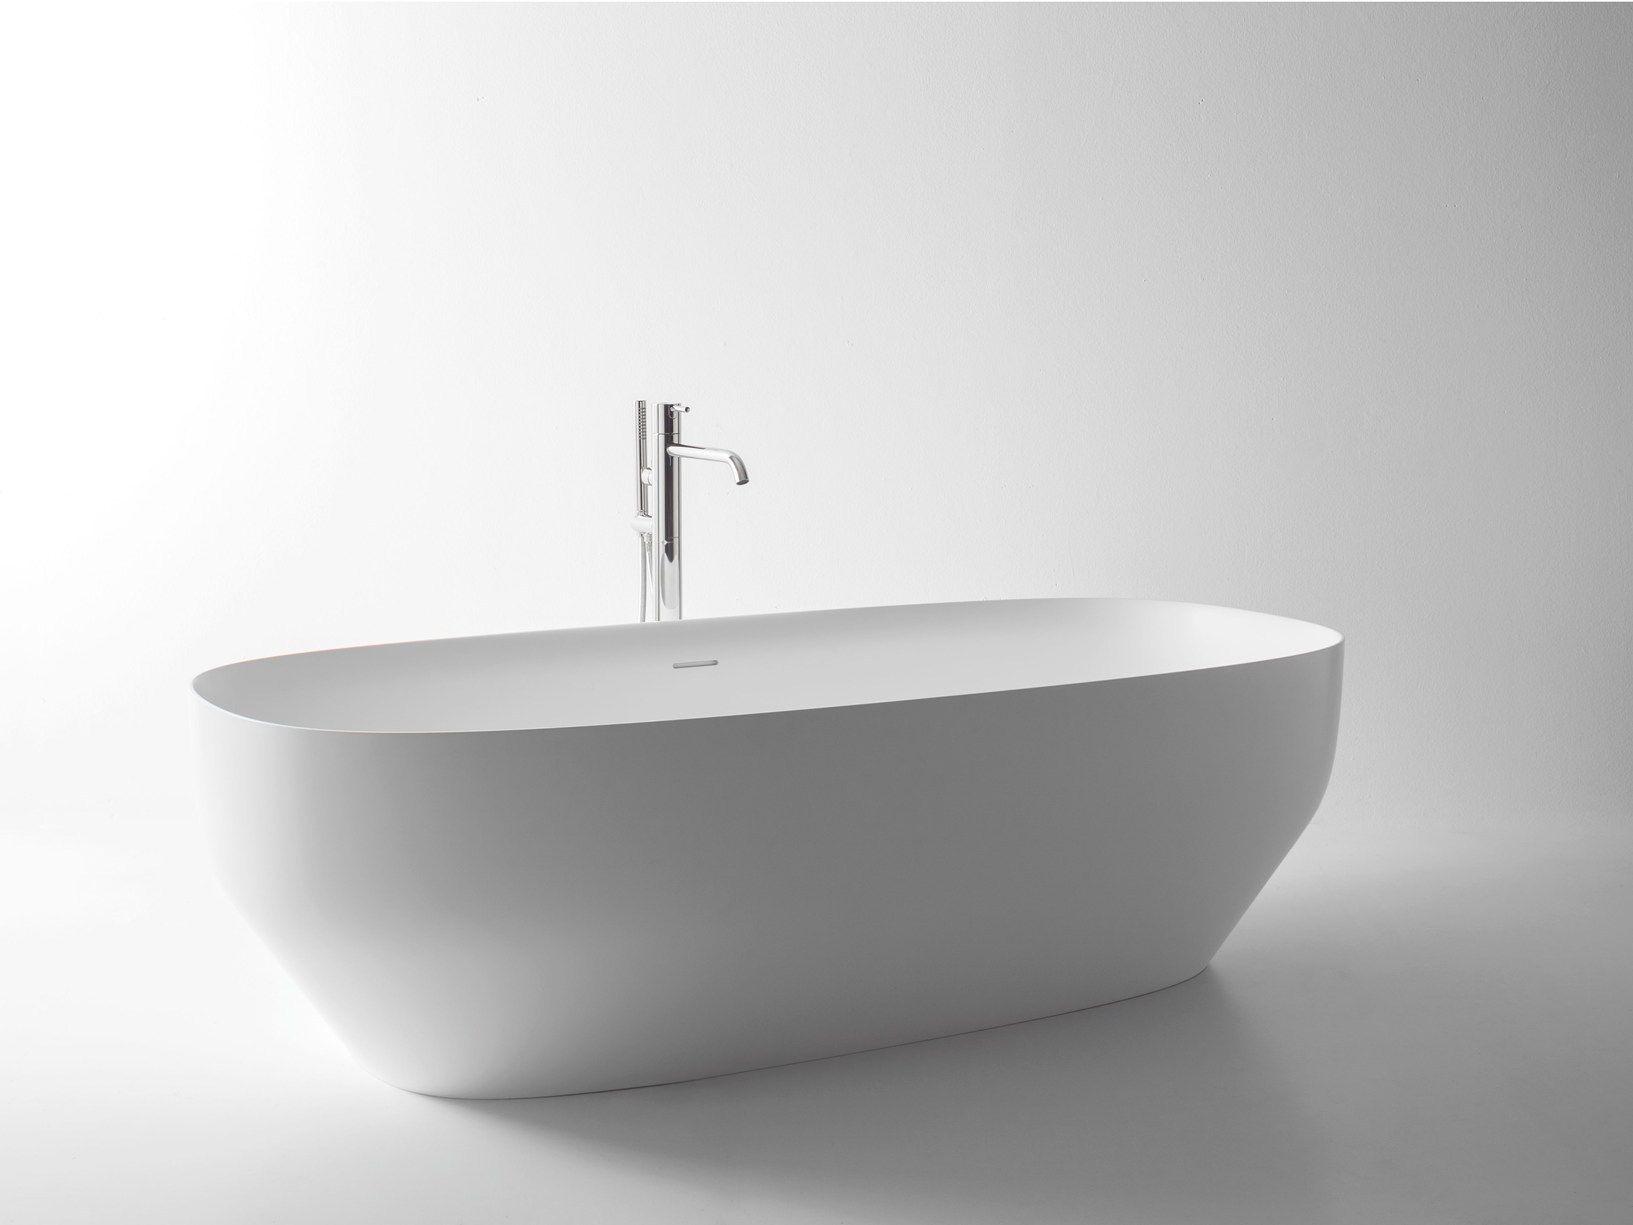 Vasca Da Bagno Quadrata Misure : Vasca da bagno